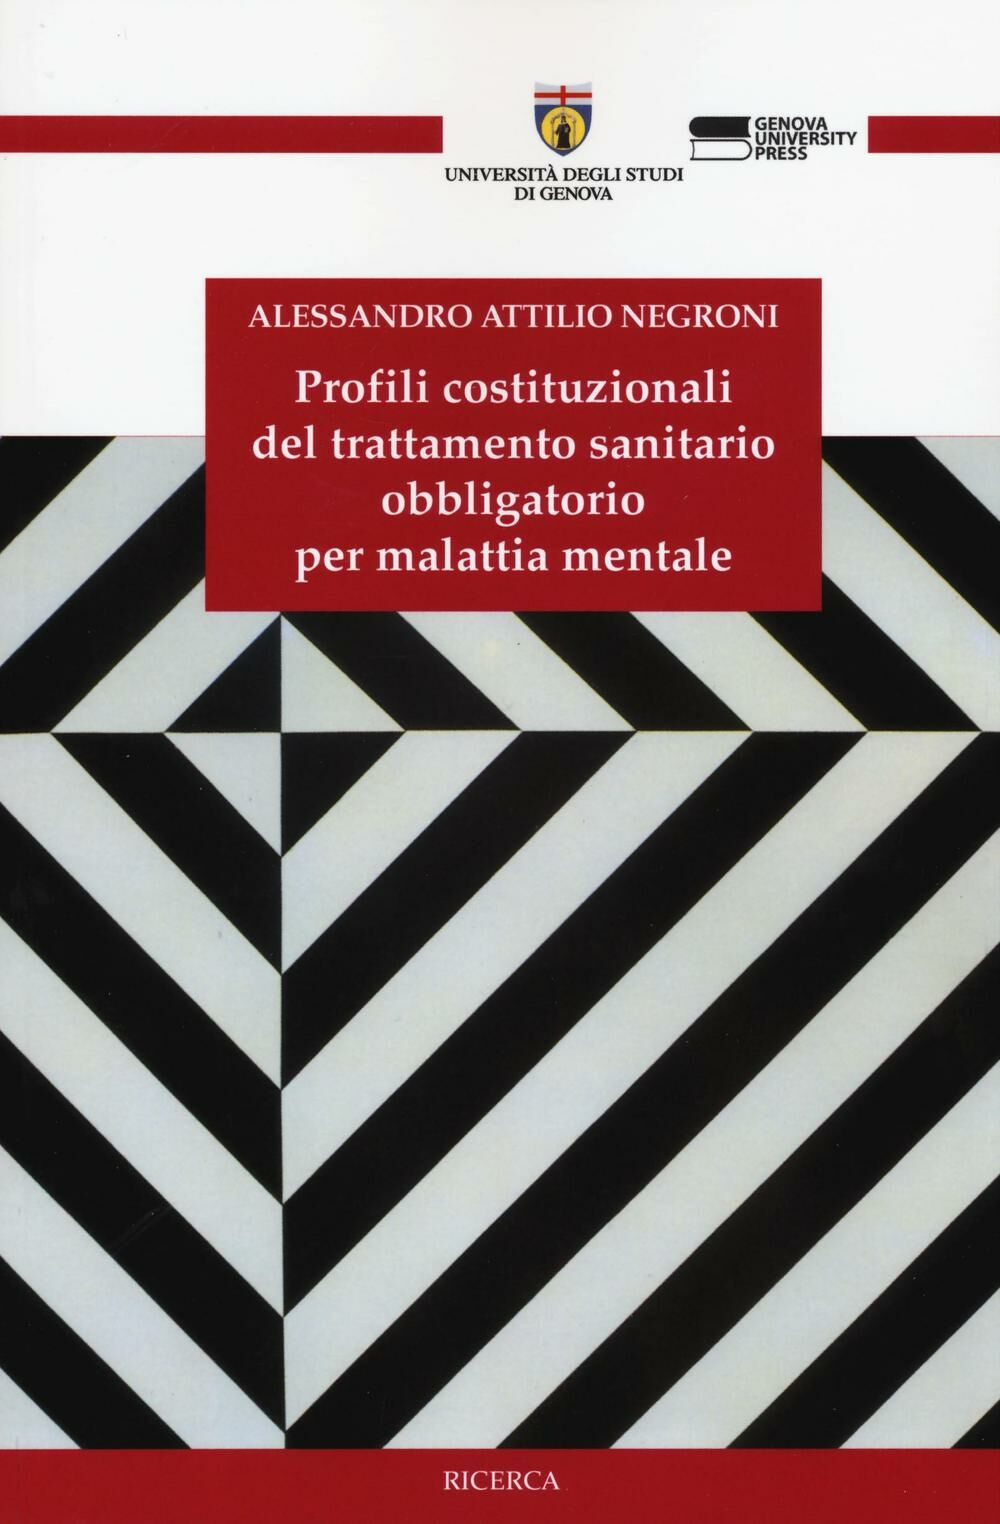 Profili costituzionali del trattamento sanitario obbligatorio per malattia mentale